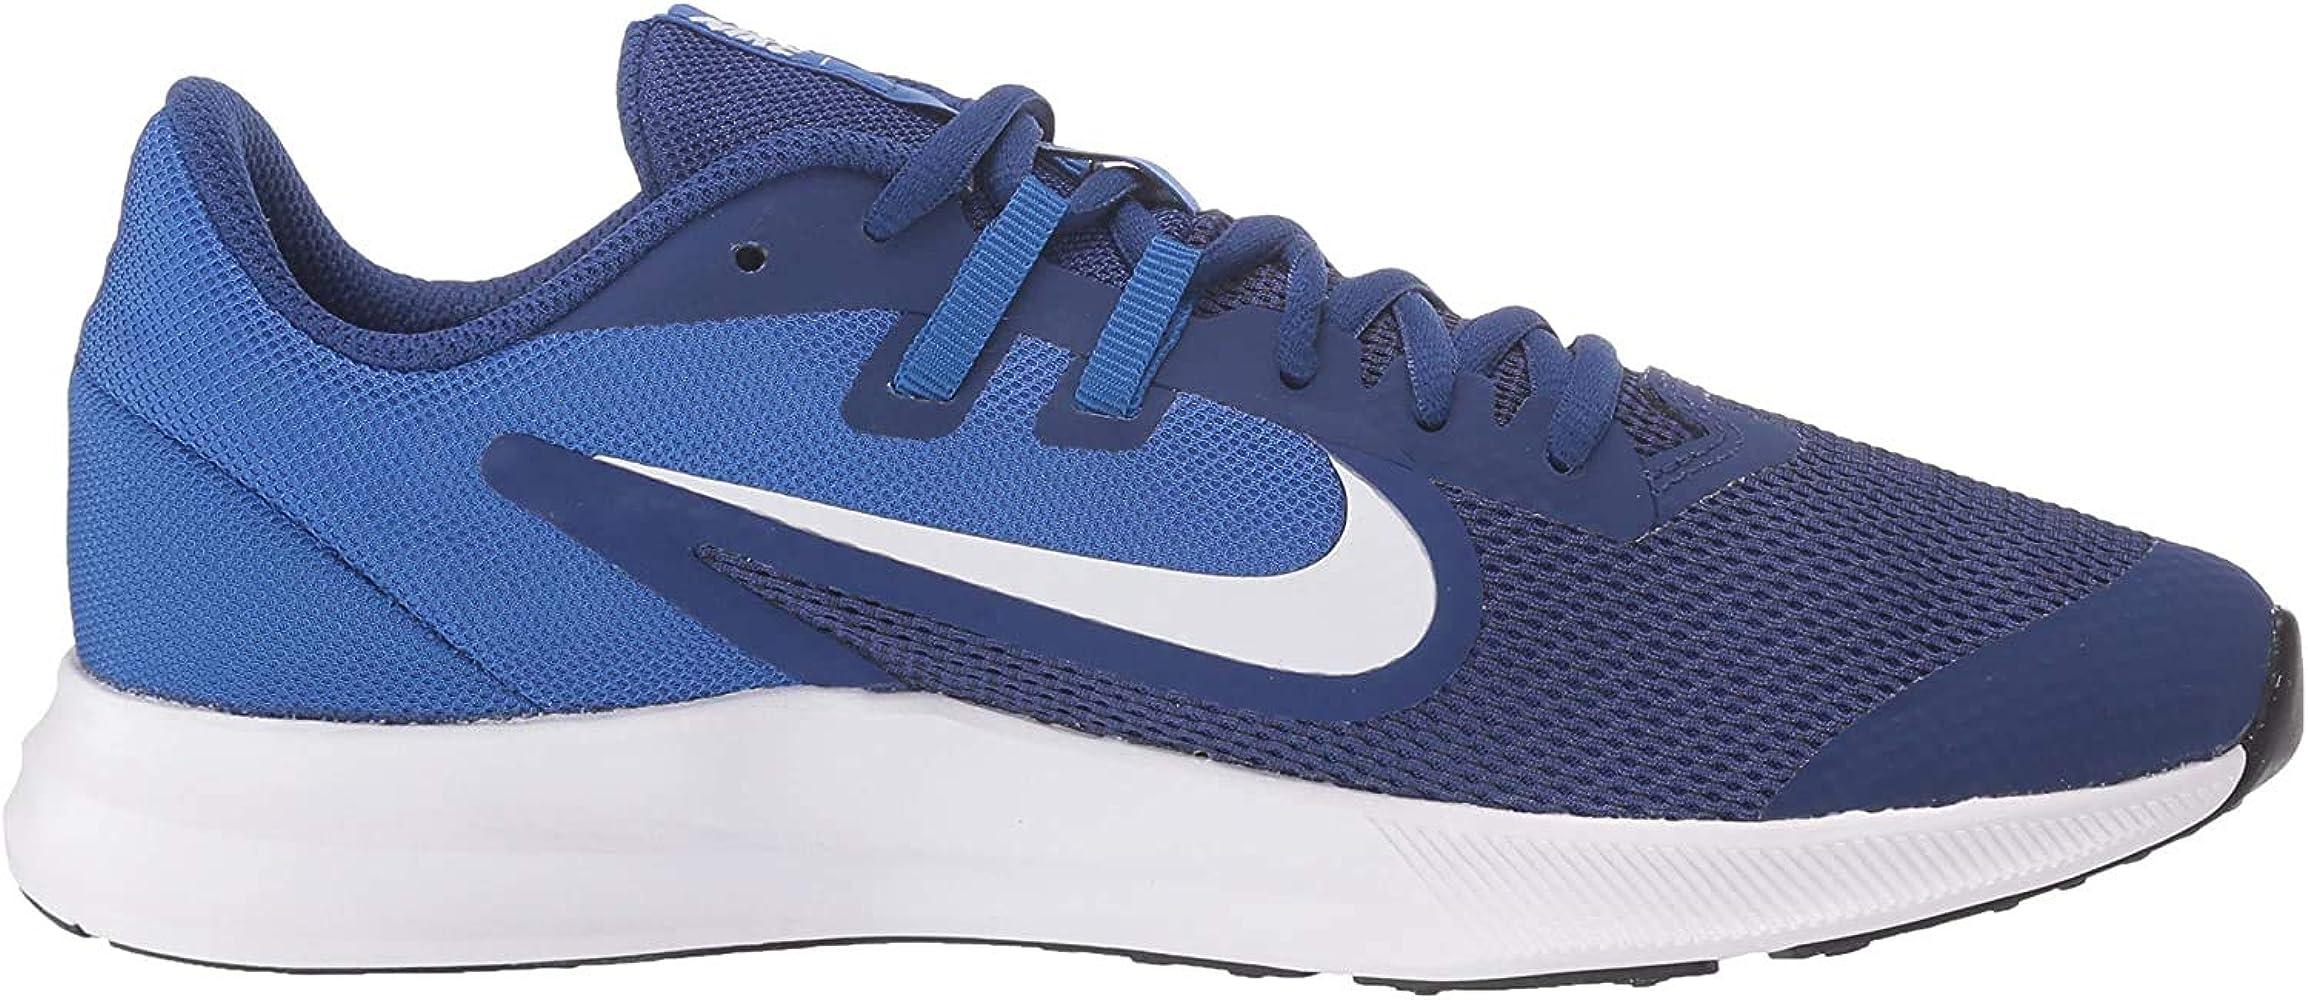 Nike Downshifter 9 (GS), Zapatillas de Running para Asfalto Unisex ...